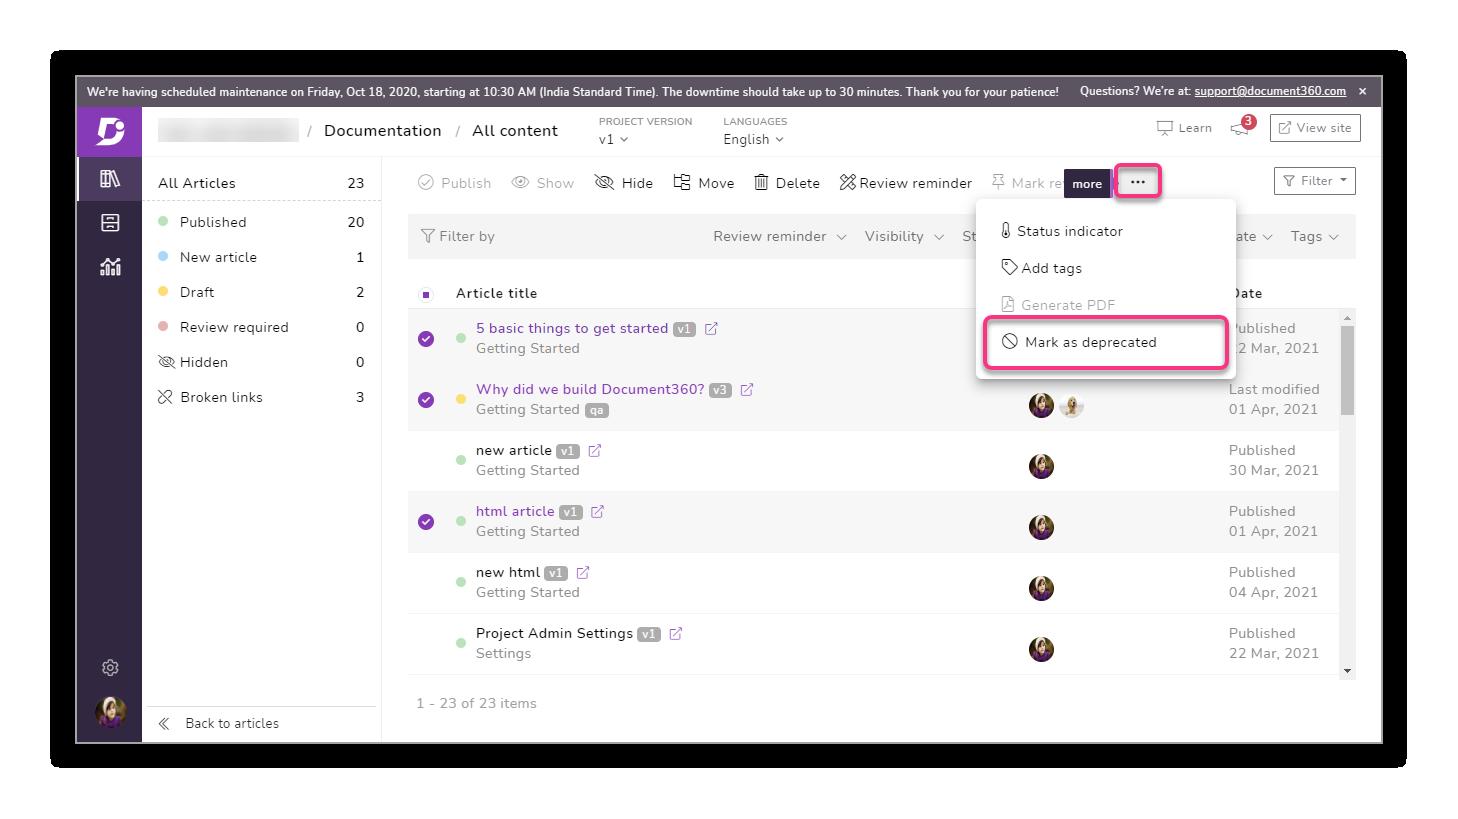 9_Screenshot_Mark_as_deprecated_in_all_content_bulk